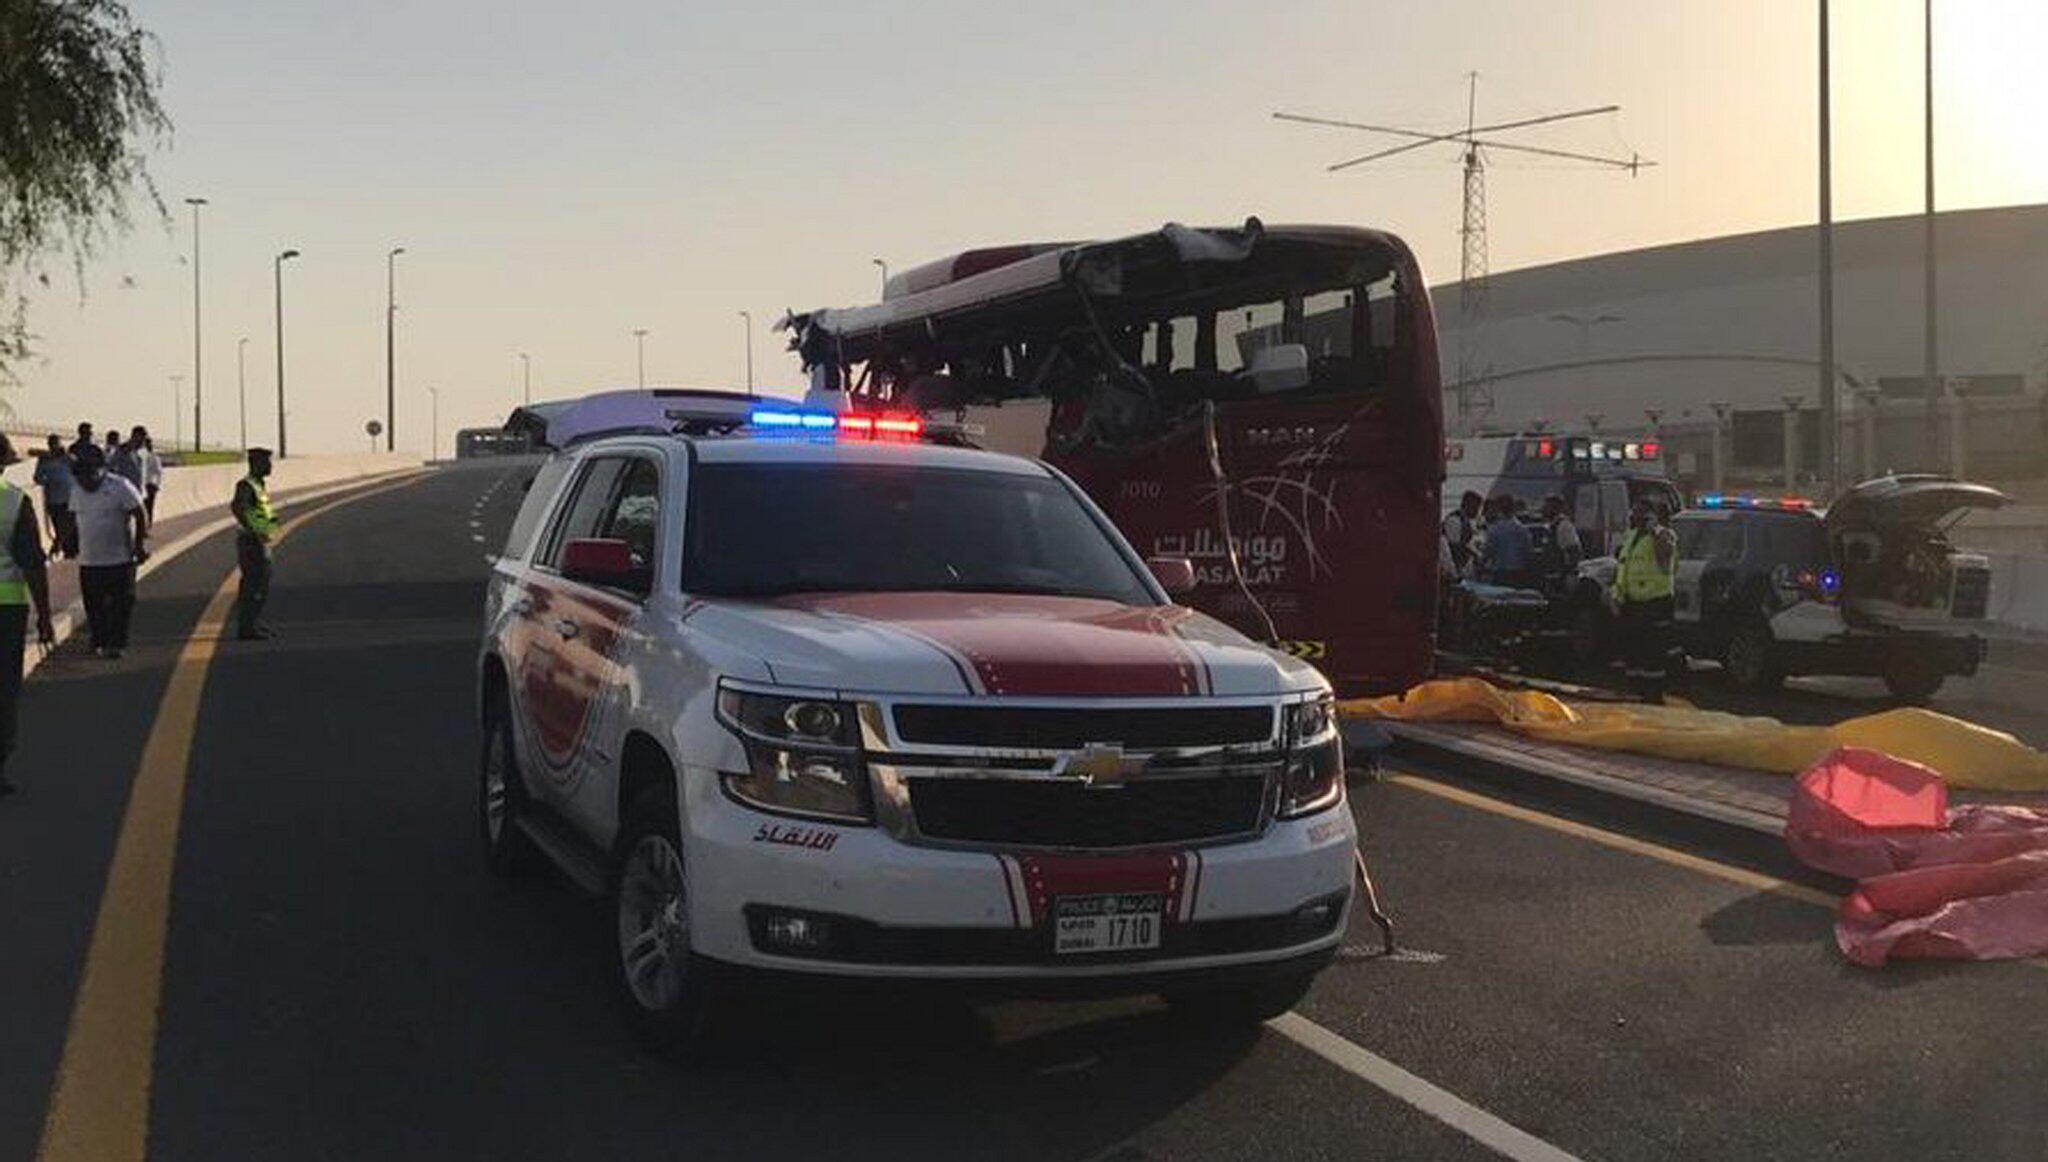 Bild zu Unfall mit Reisebus in Dubai